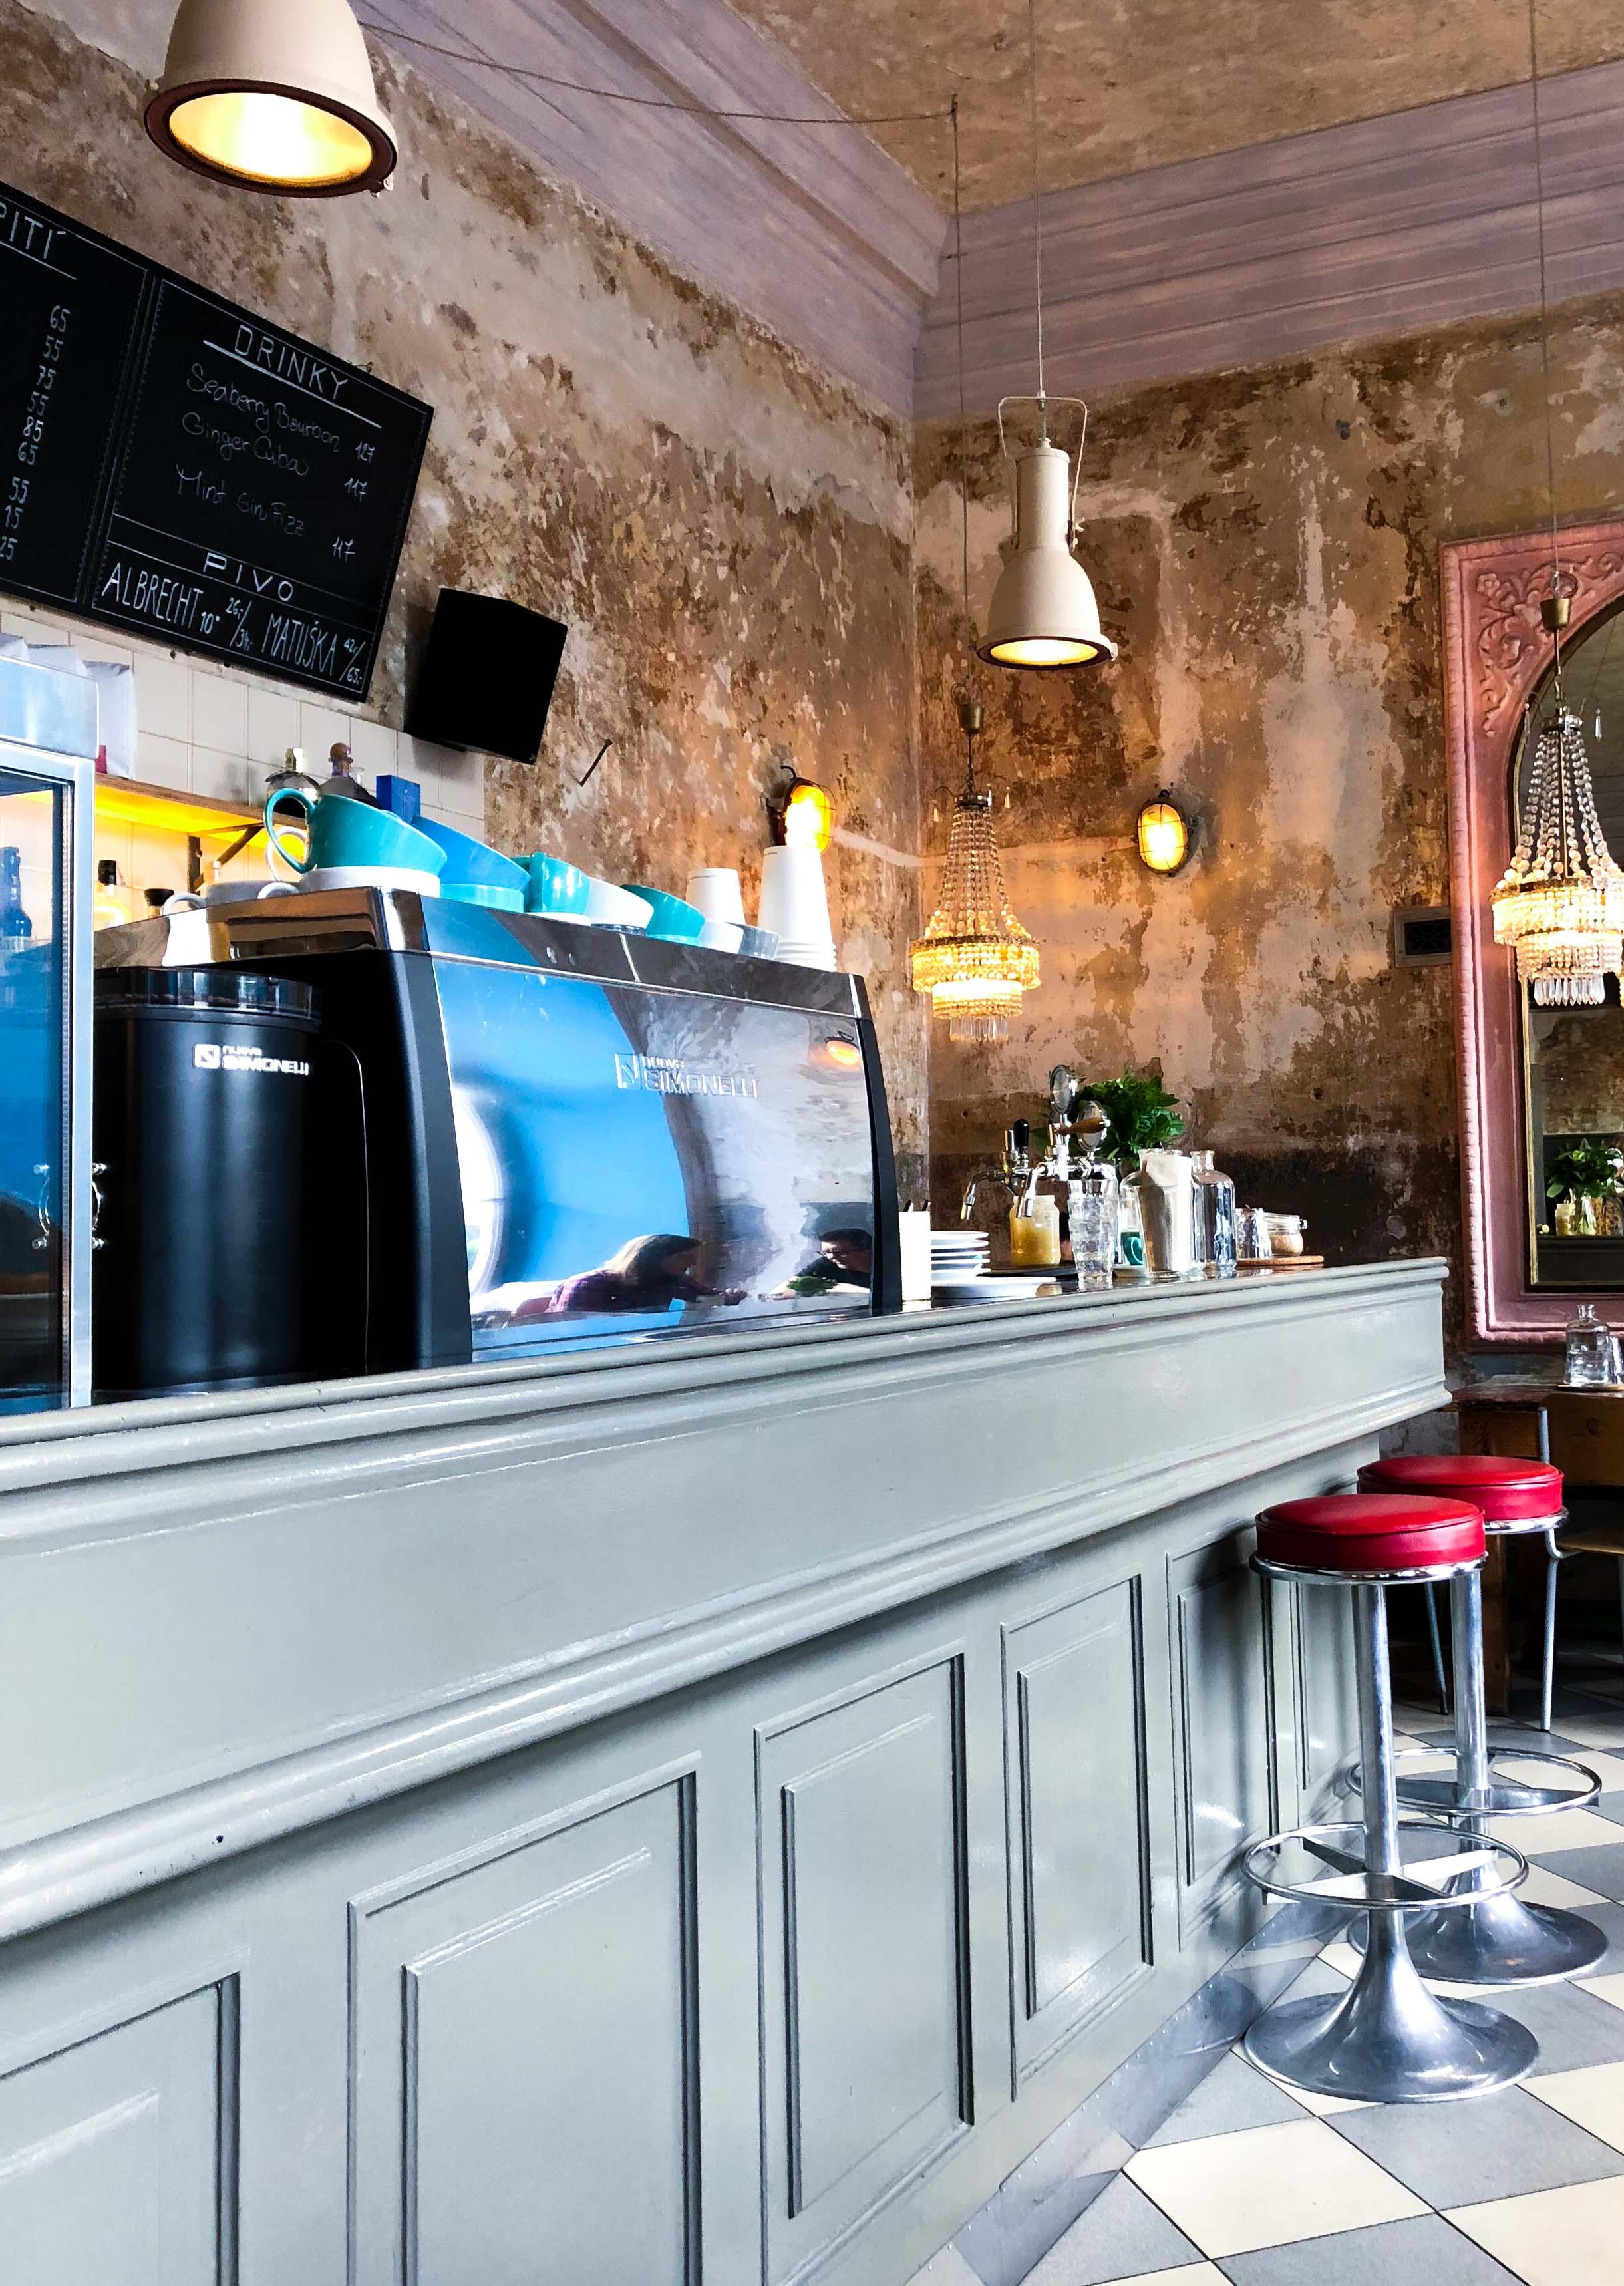 Cafe Letka Frühstück Restaurant Insider Tipps Prag Food Tipps besten Restaurants brunchen Reiseblog